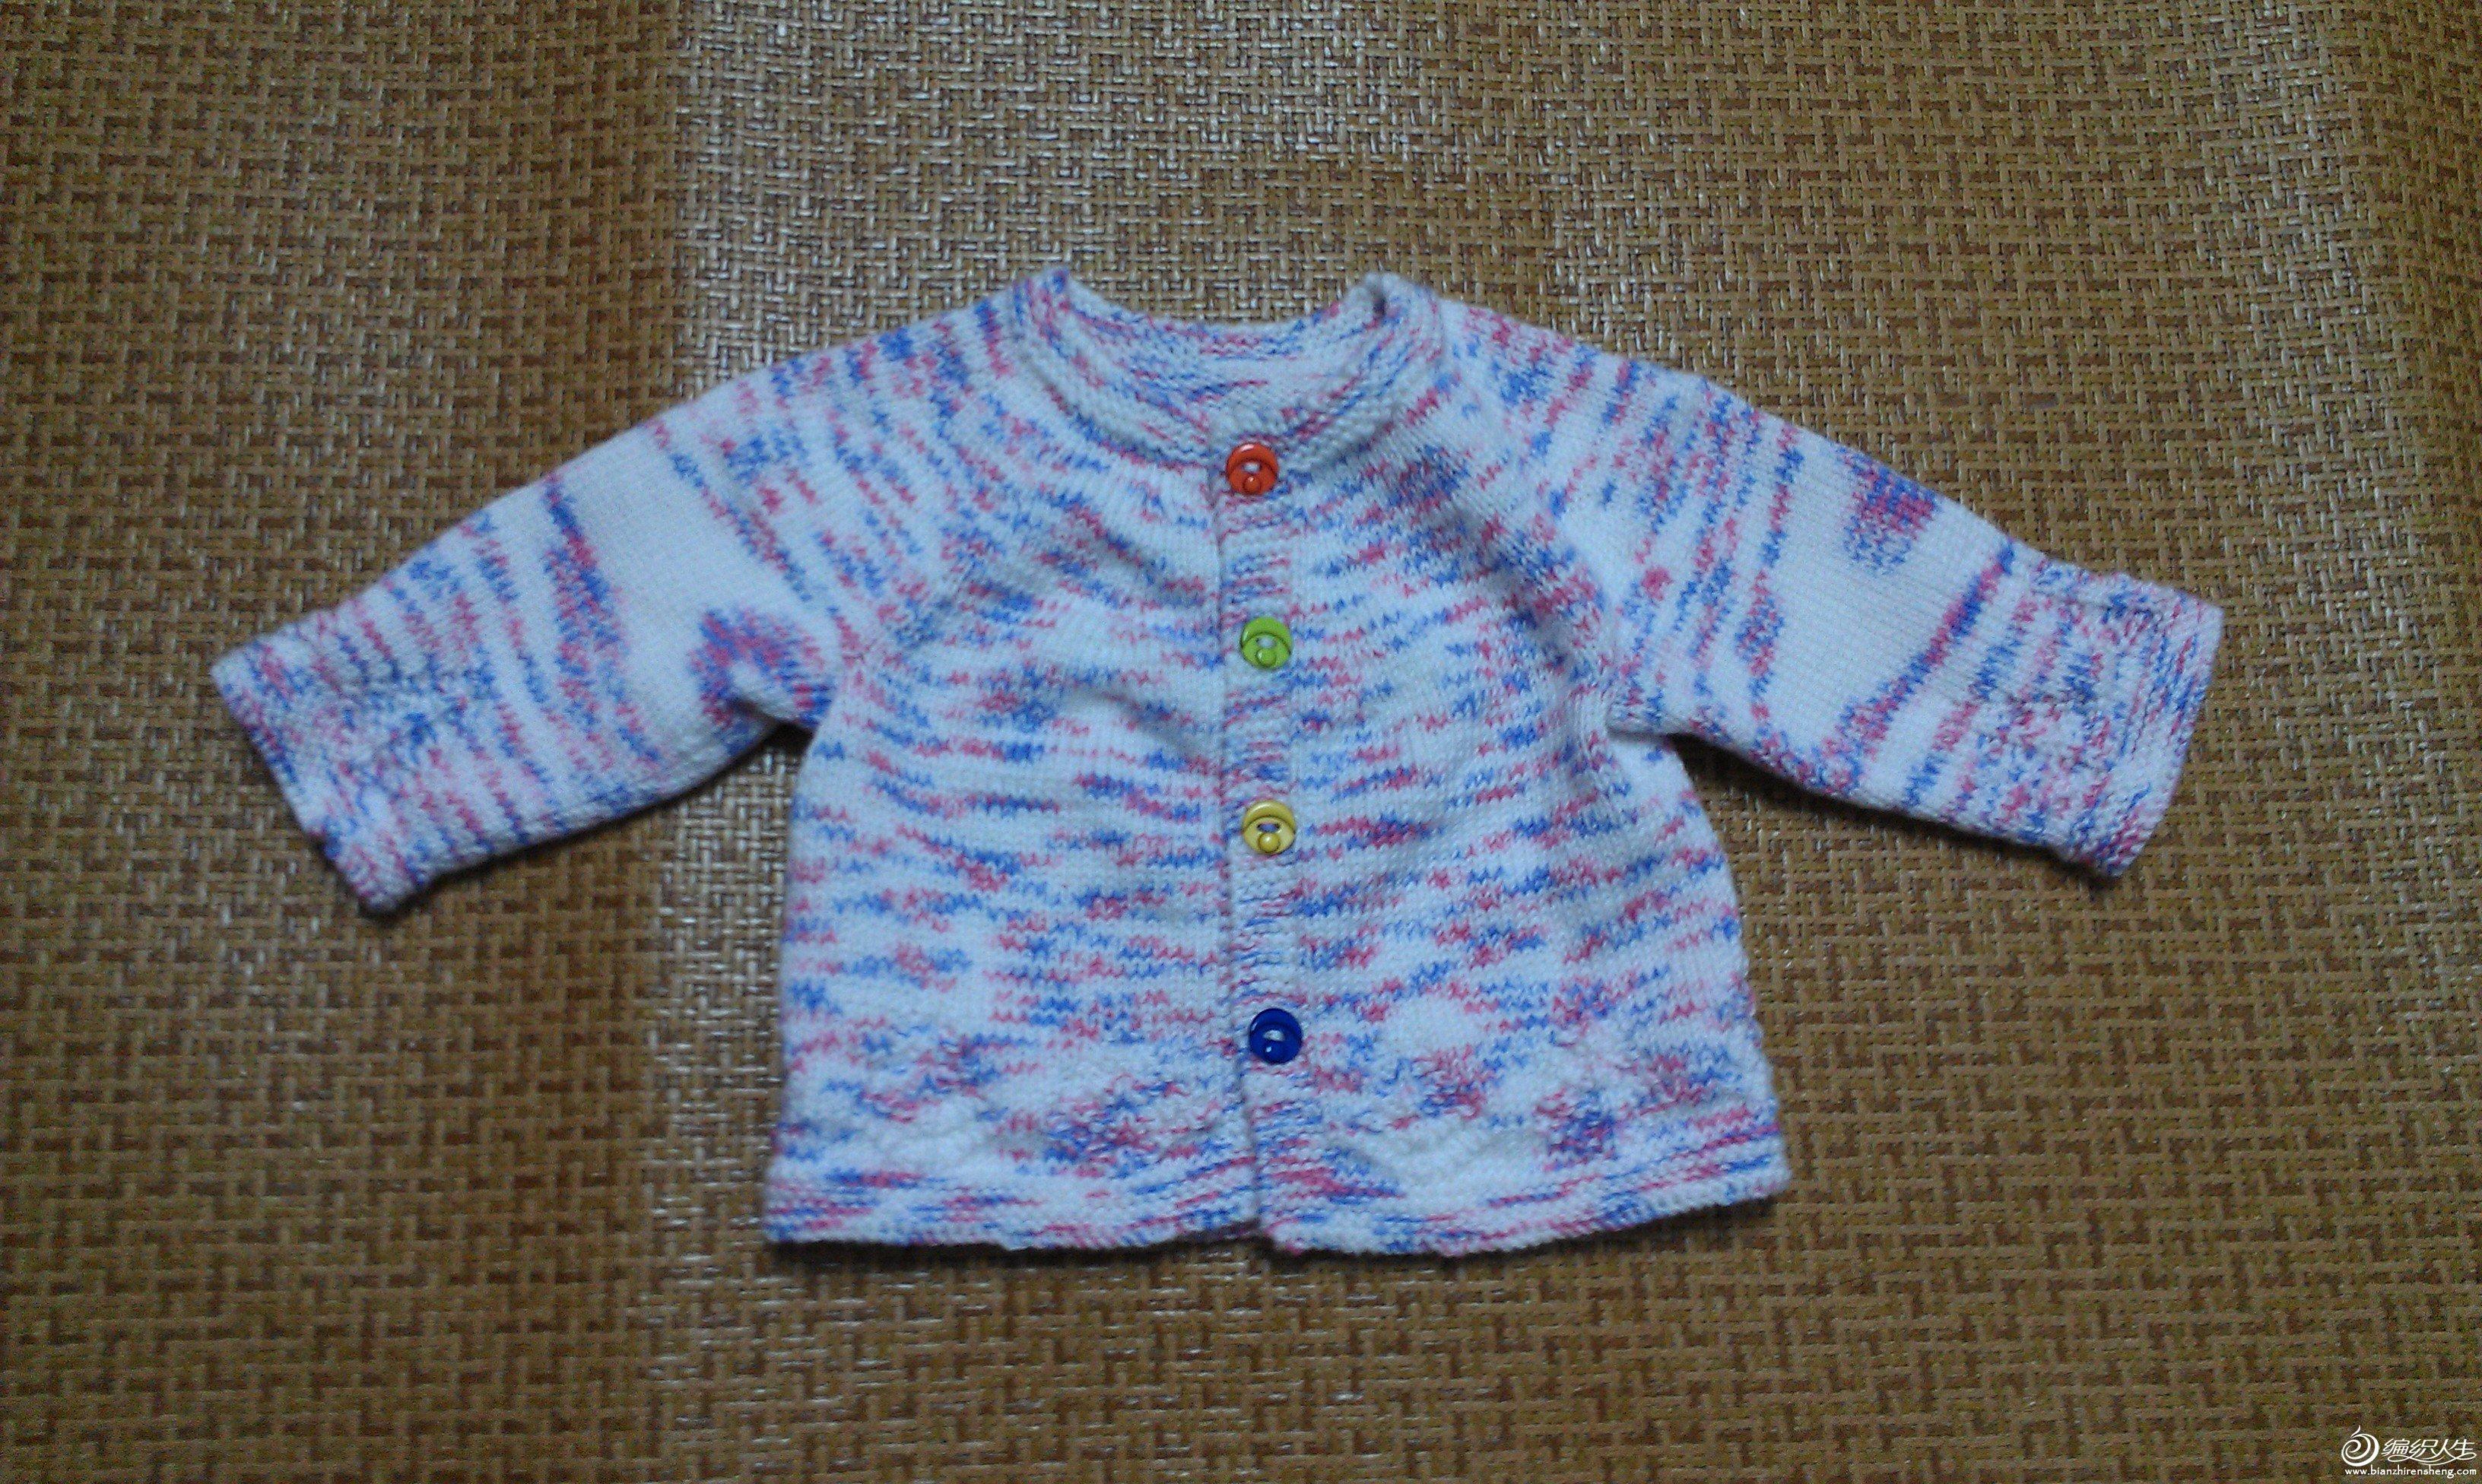 小开衫,宝宝长太快,貌似已经穿不上了